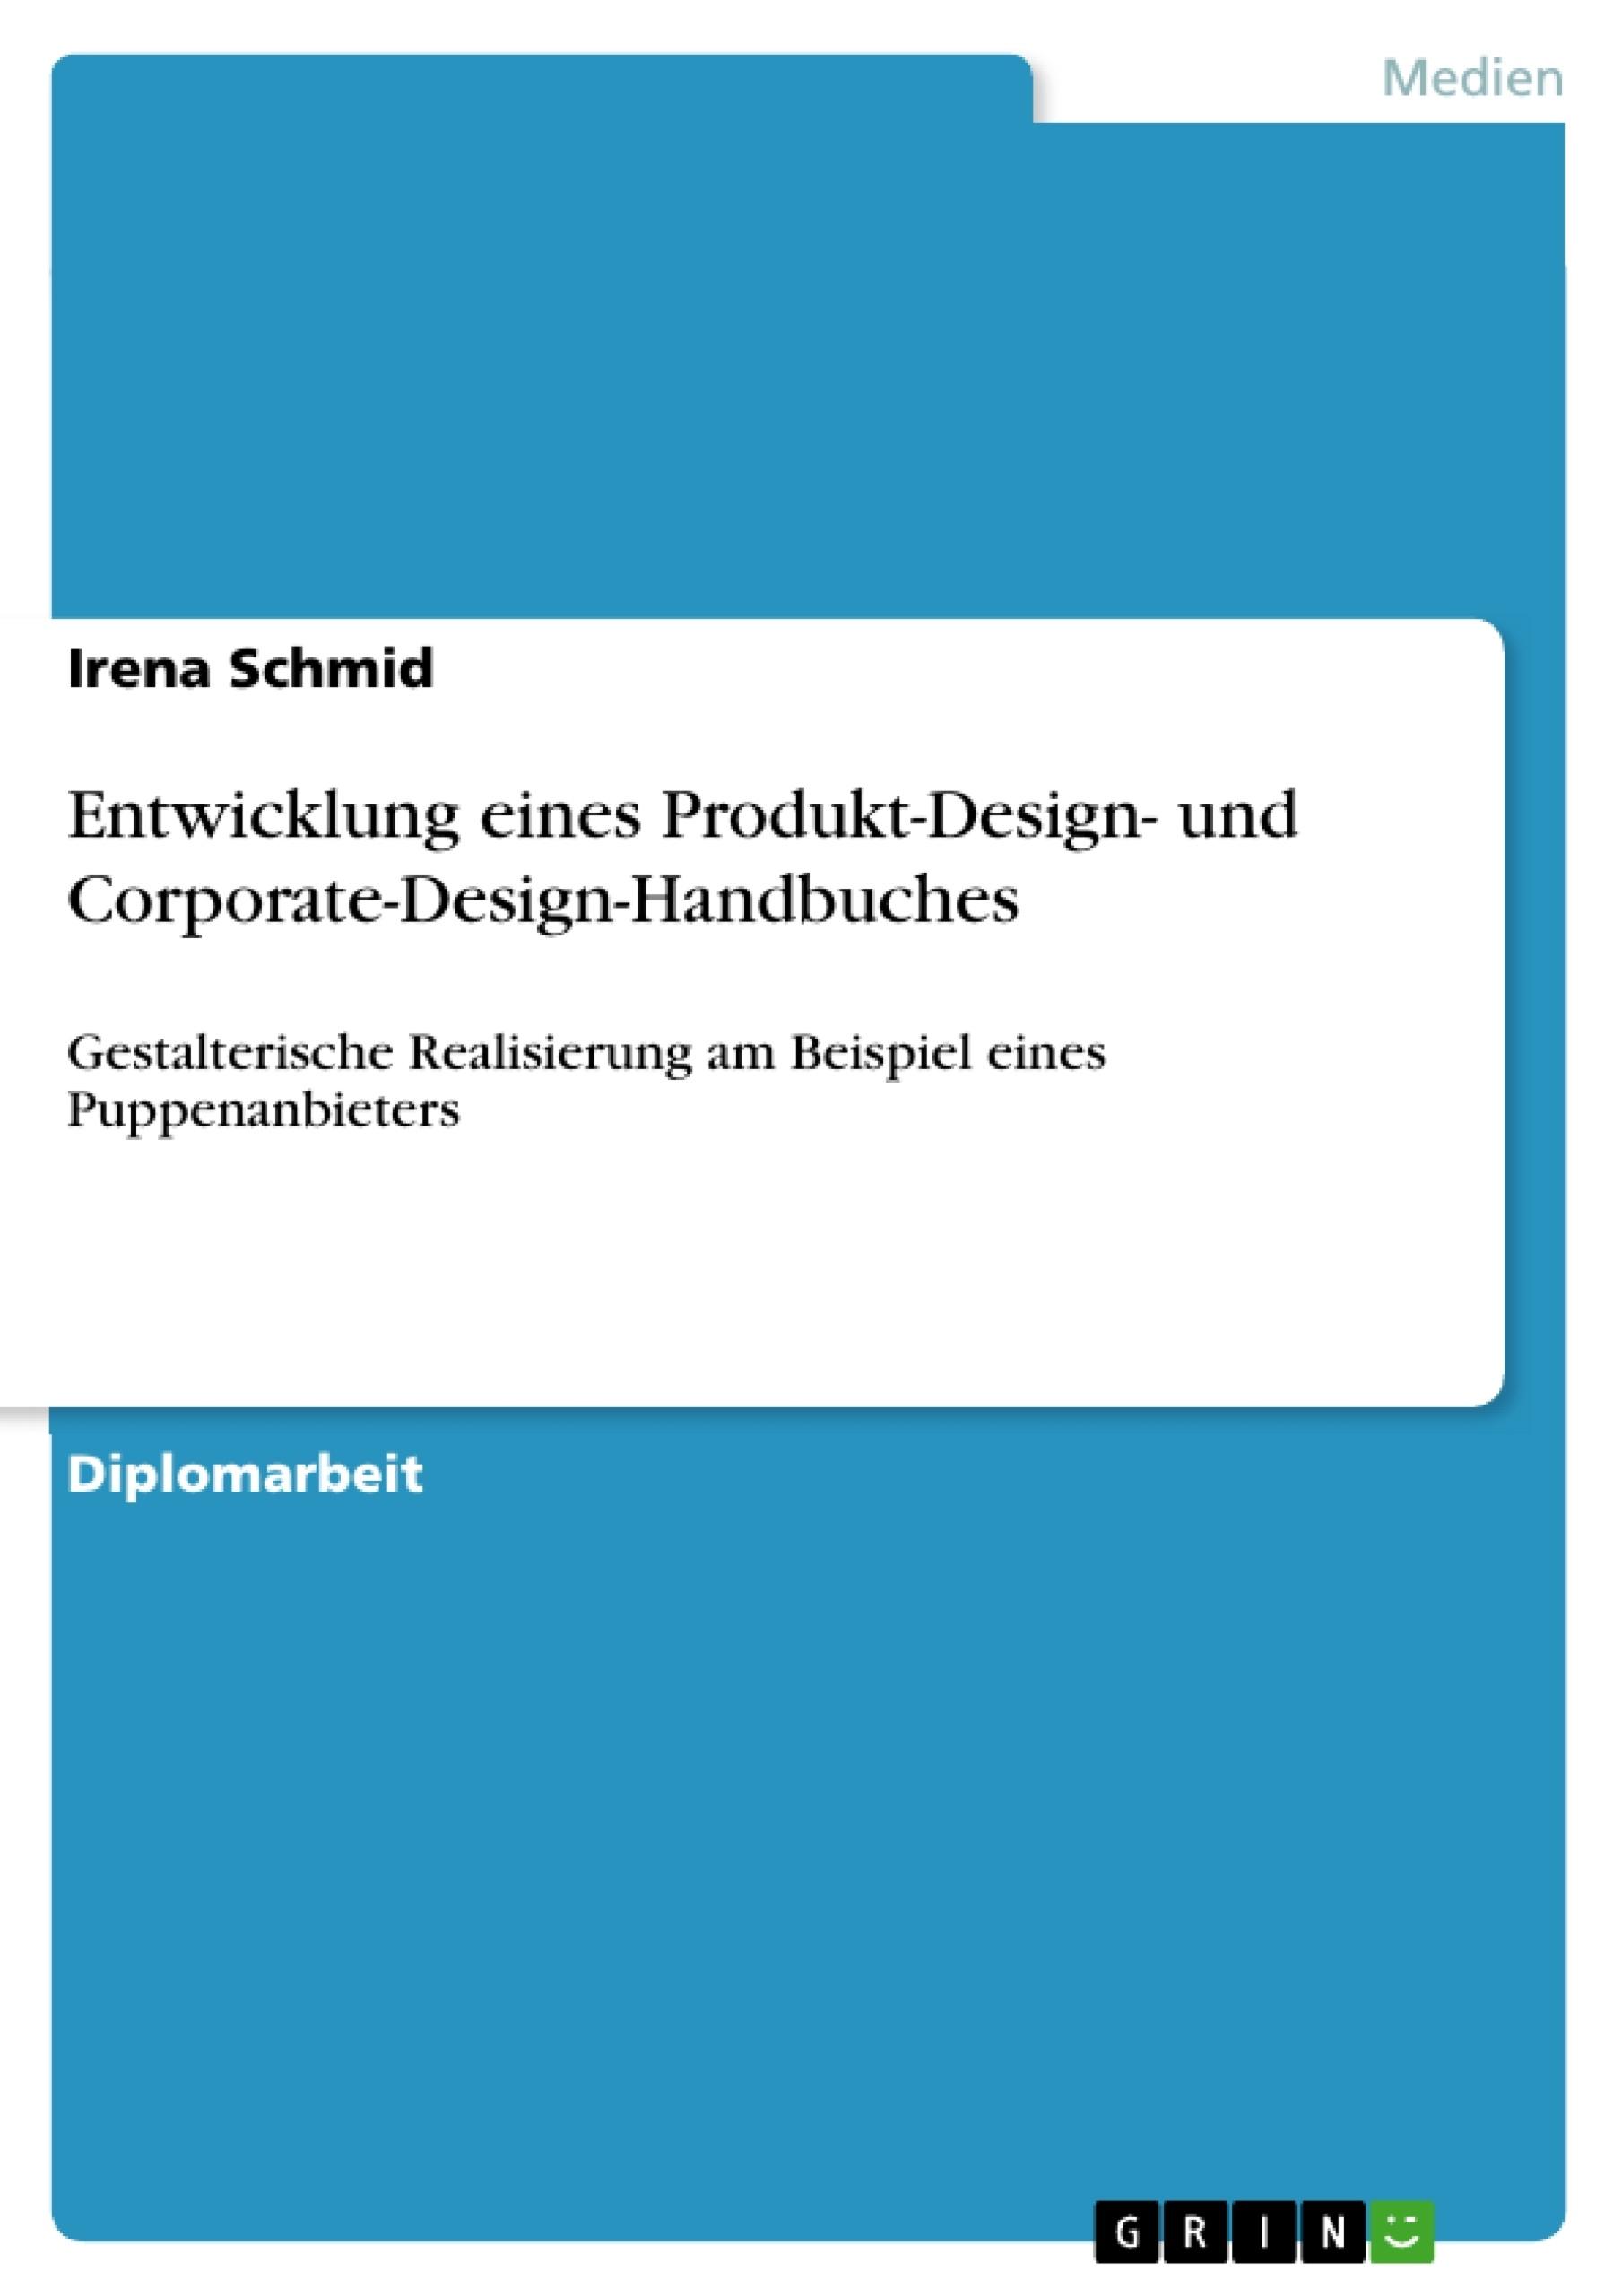 Titel: Entwicklung eines Produkt-Design- und Corporate-Design-Handbuches